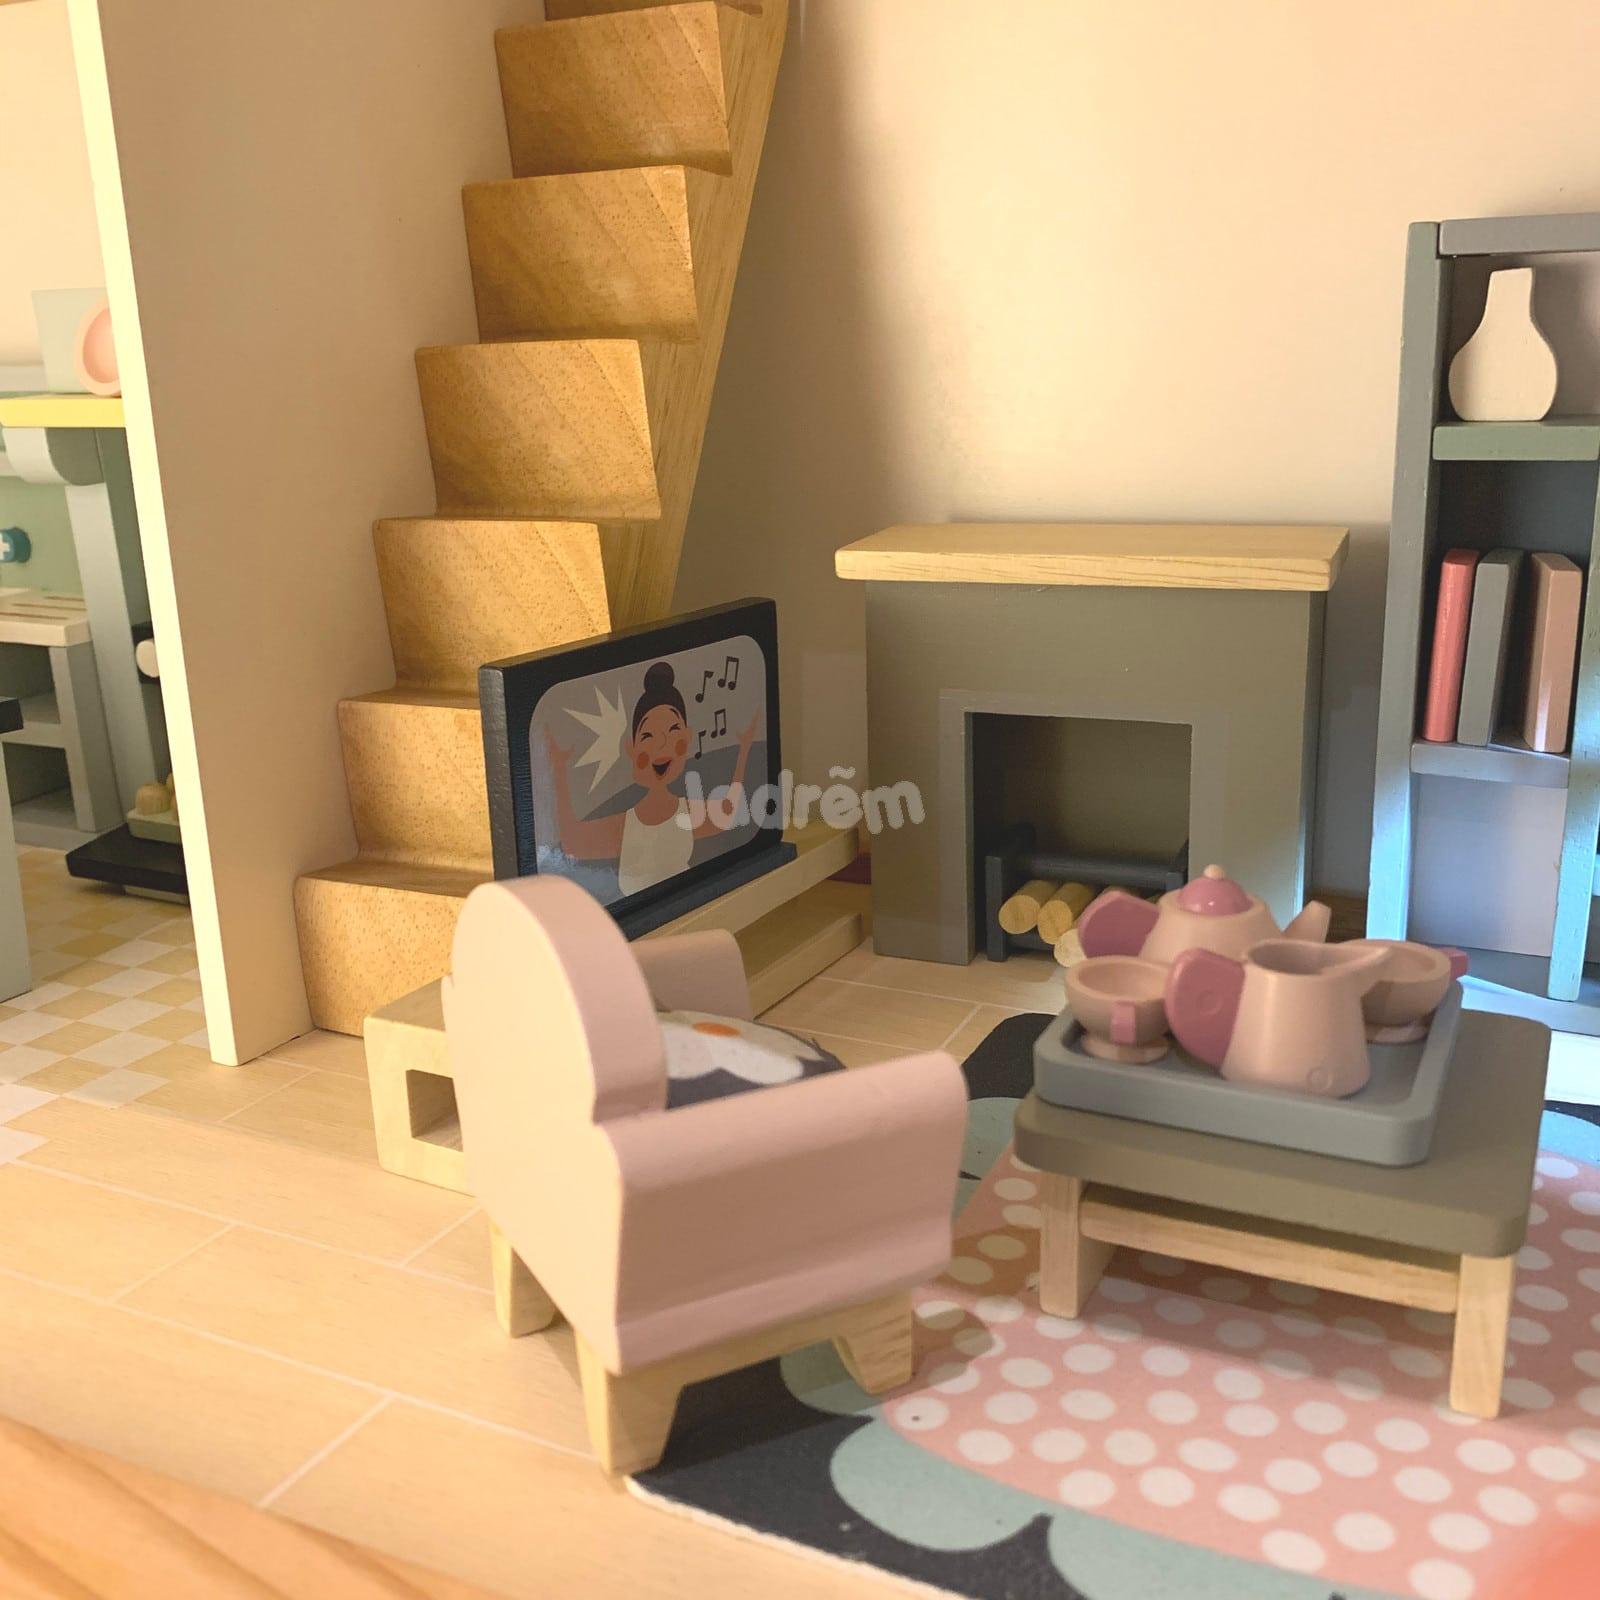 Tender Leaf Dovetail Sitting Room Dolls House Furniture Jadrem Toys